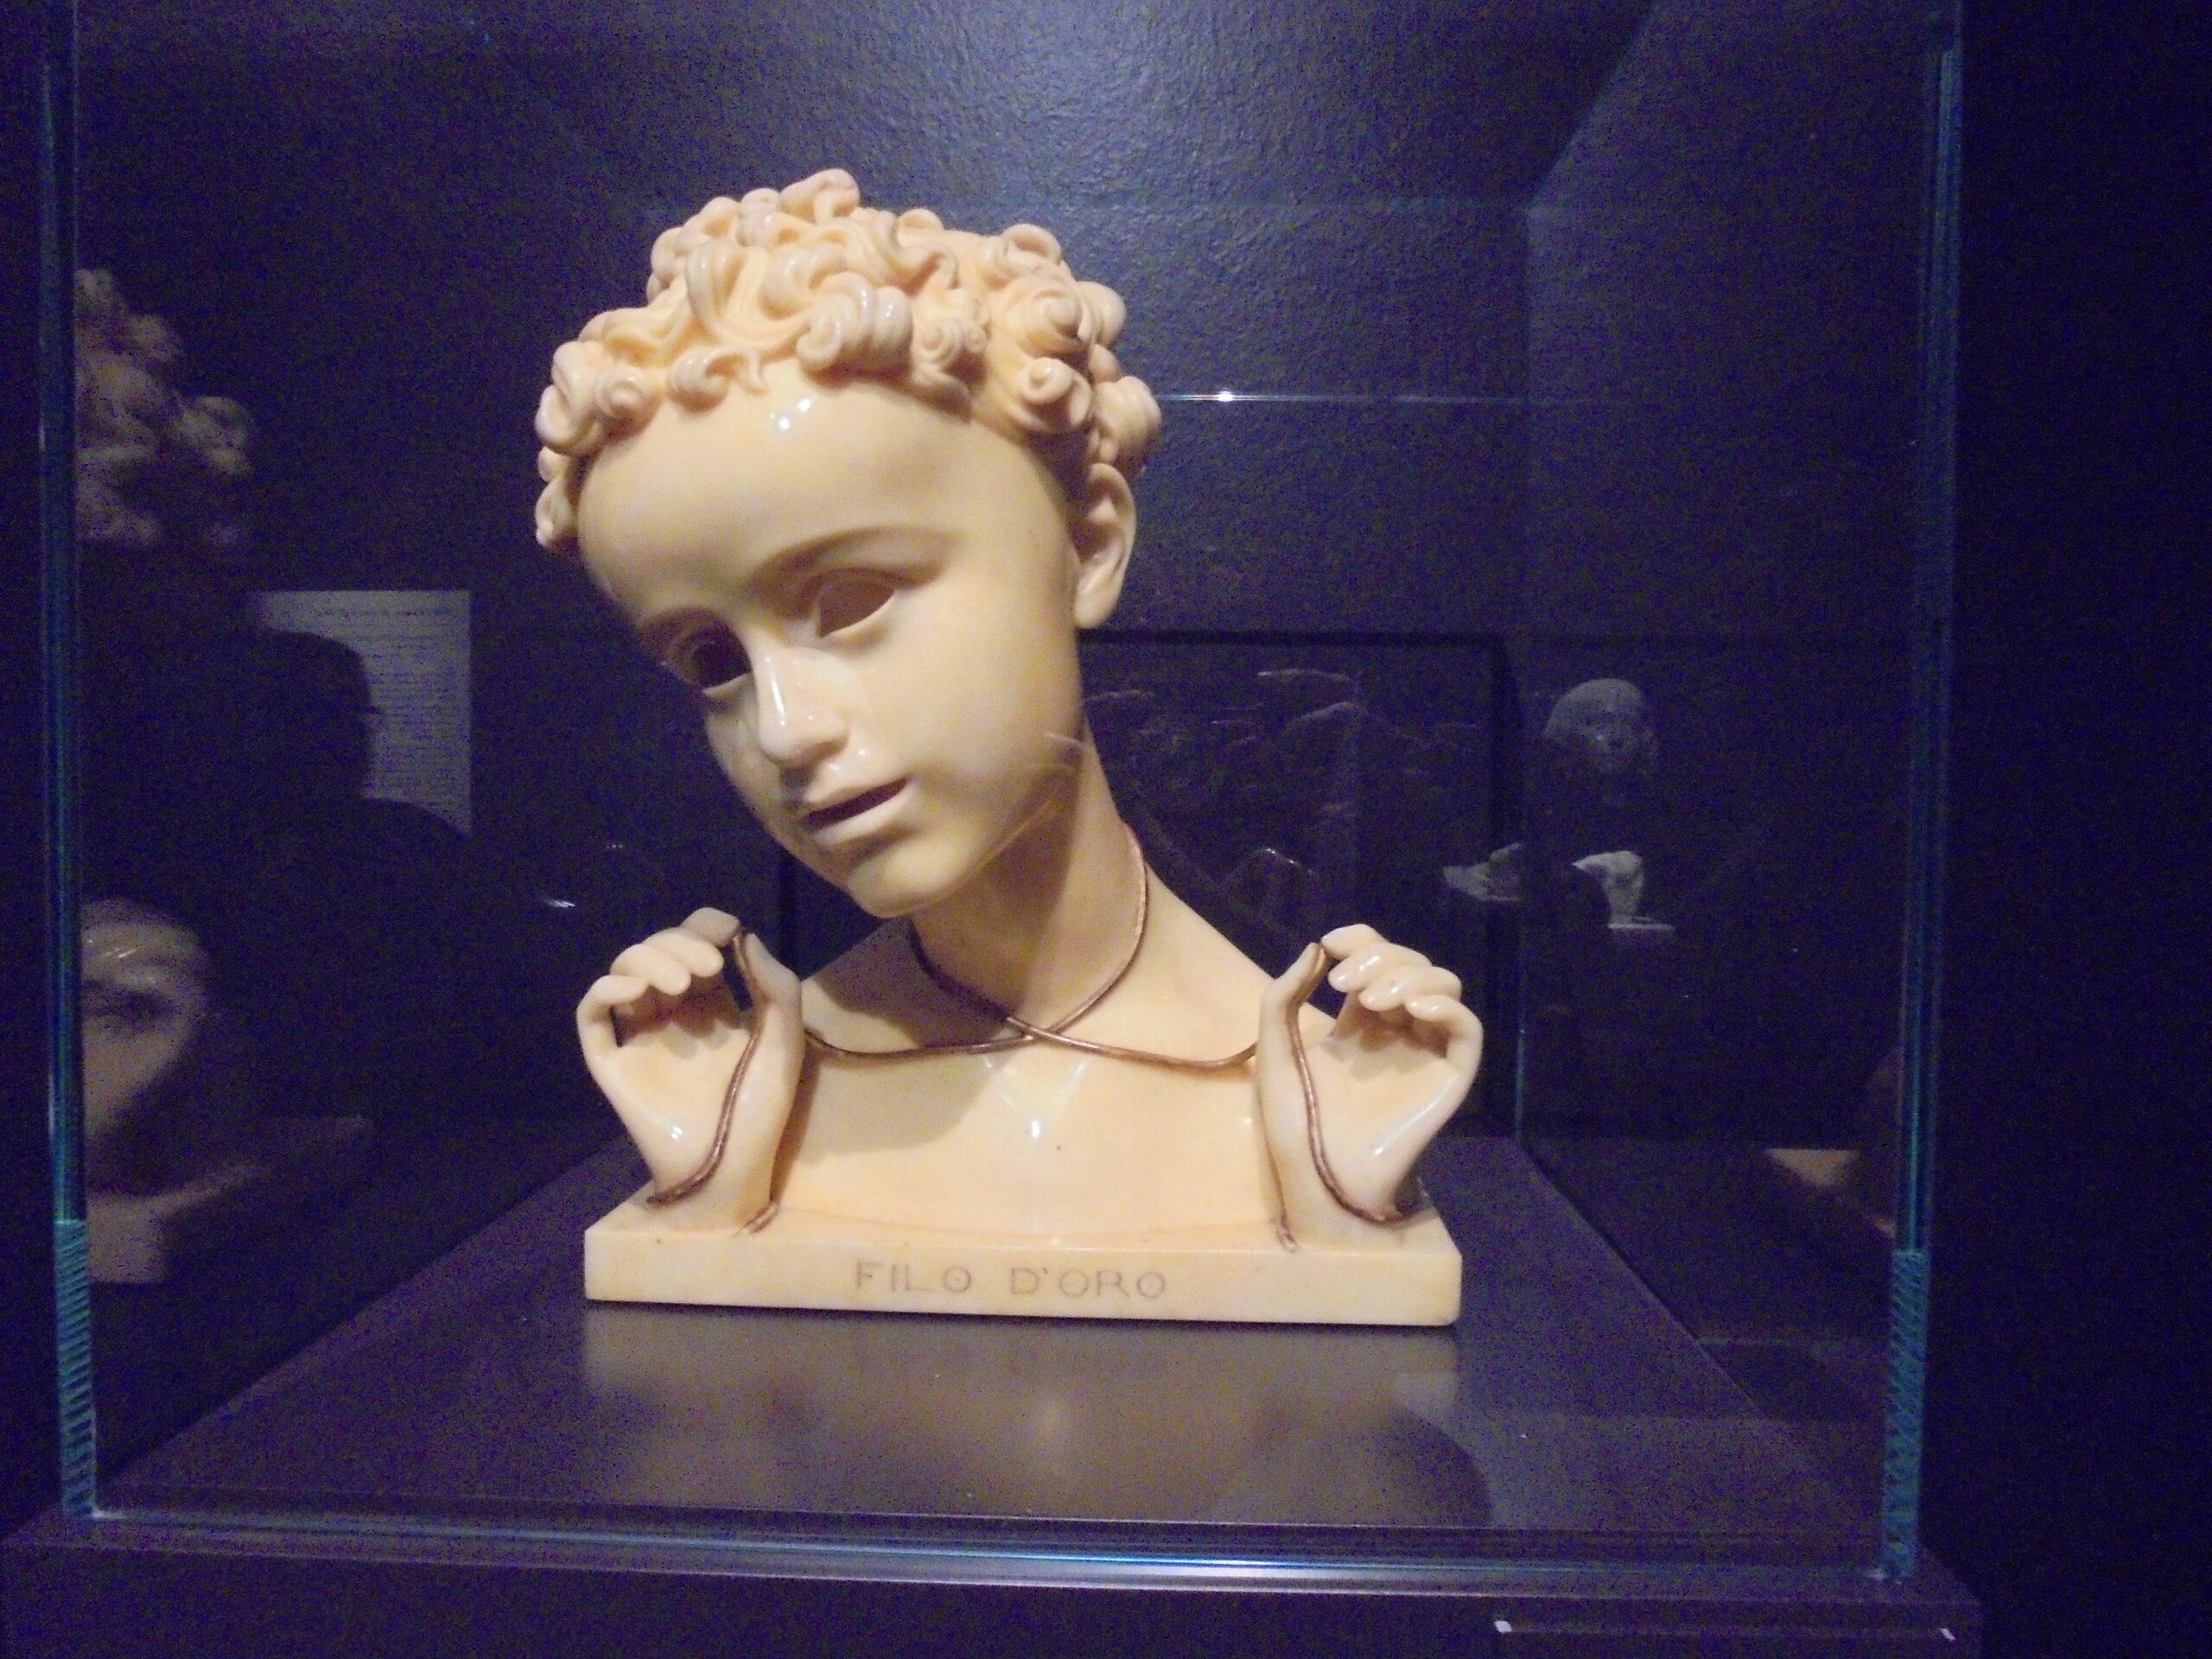 Wildt, una delle opere più delicate Filo d'oro